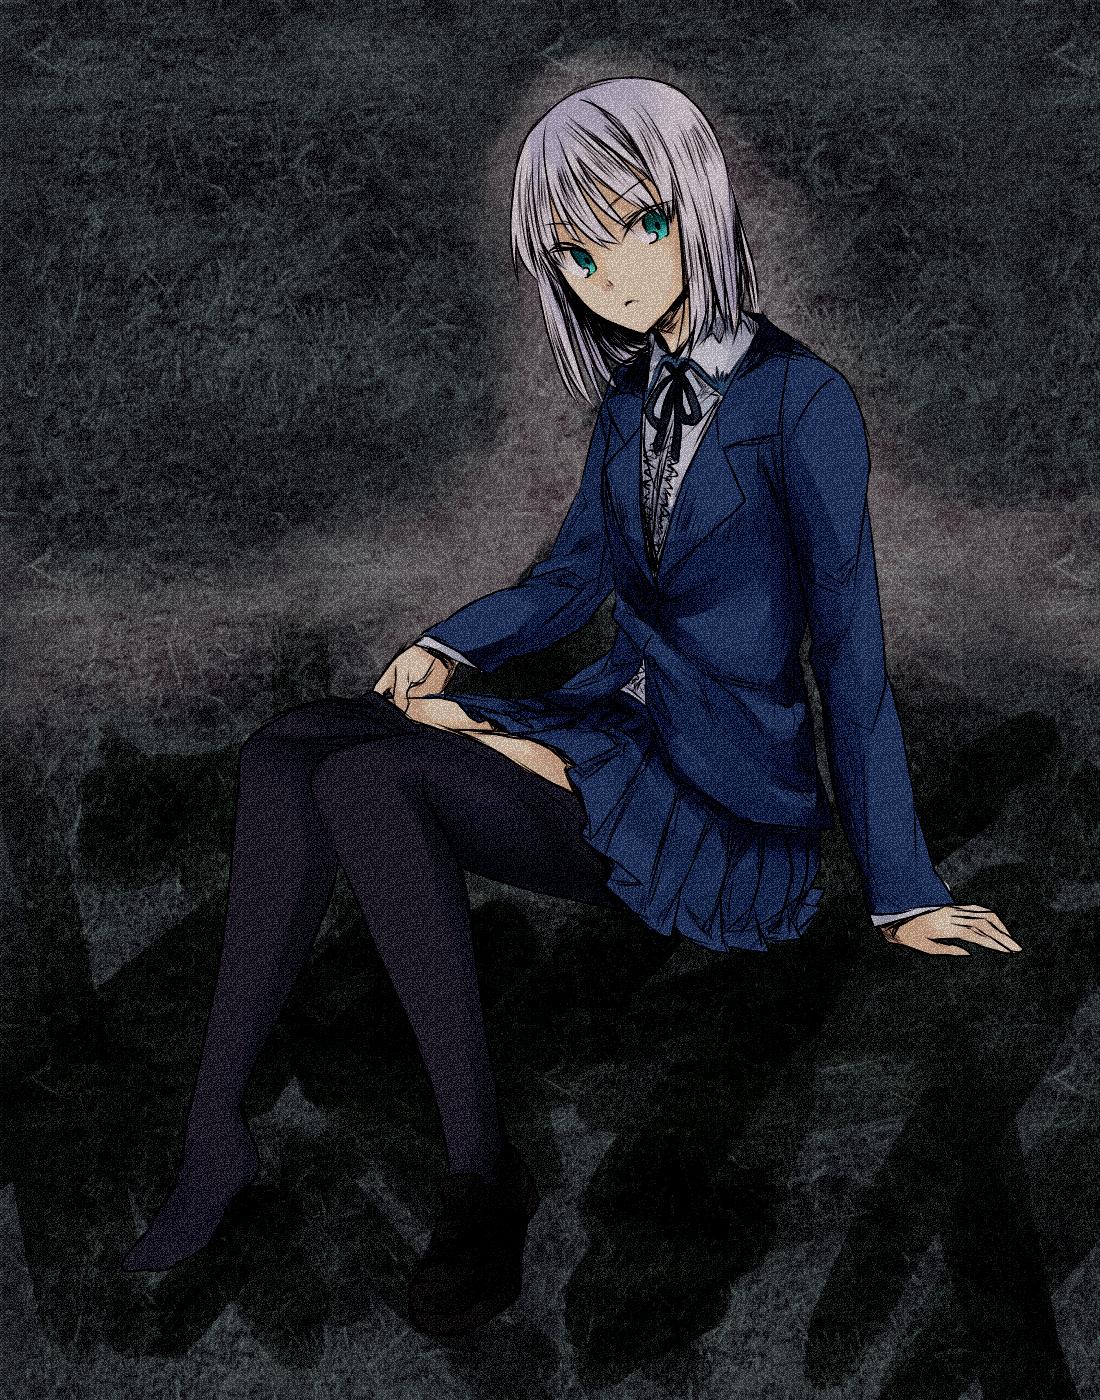 Koko K Candy K Dolce K: Zerochan Anime Image Board